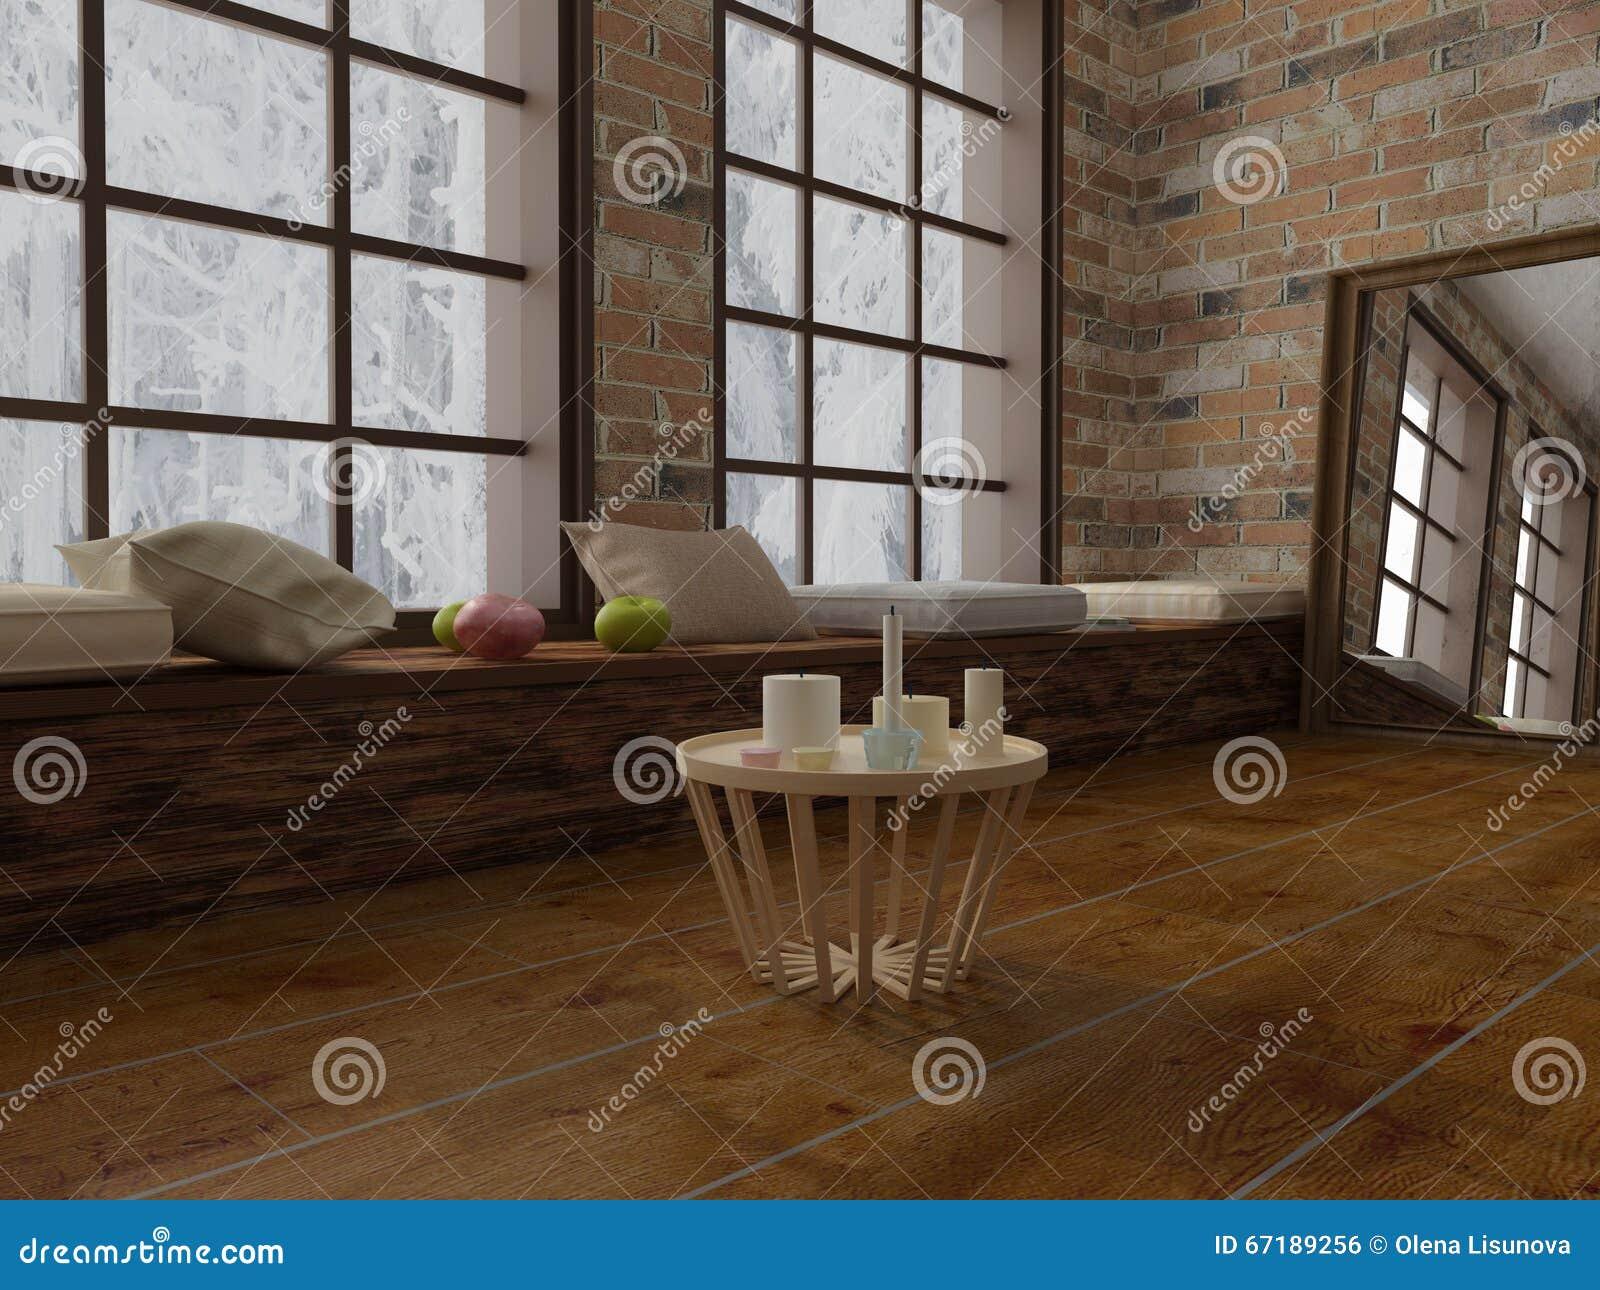 bertragen sie vom couchtisch mit kerzen romantischer geist im modernen dachboden stock. Black Bedroom Furniture Sets. Home Design Ideas